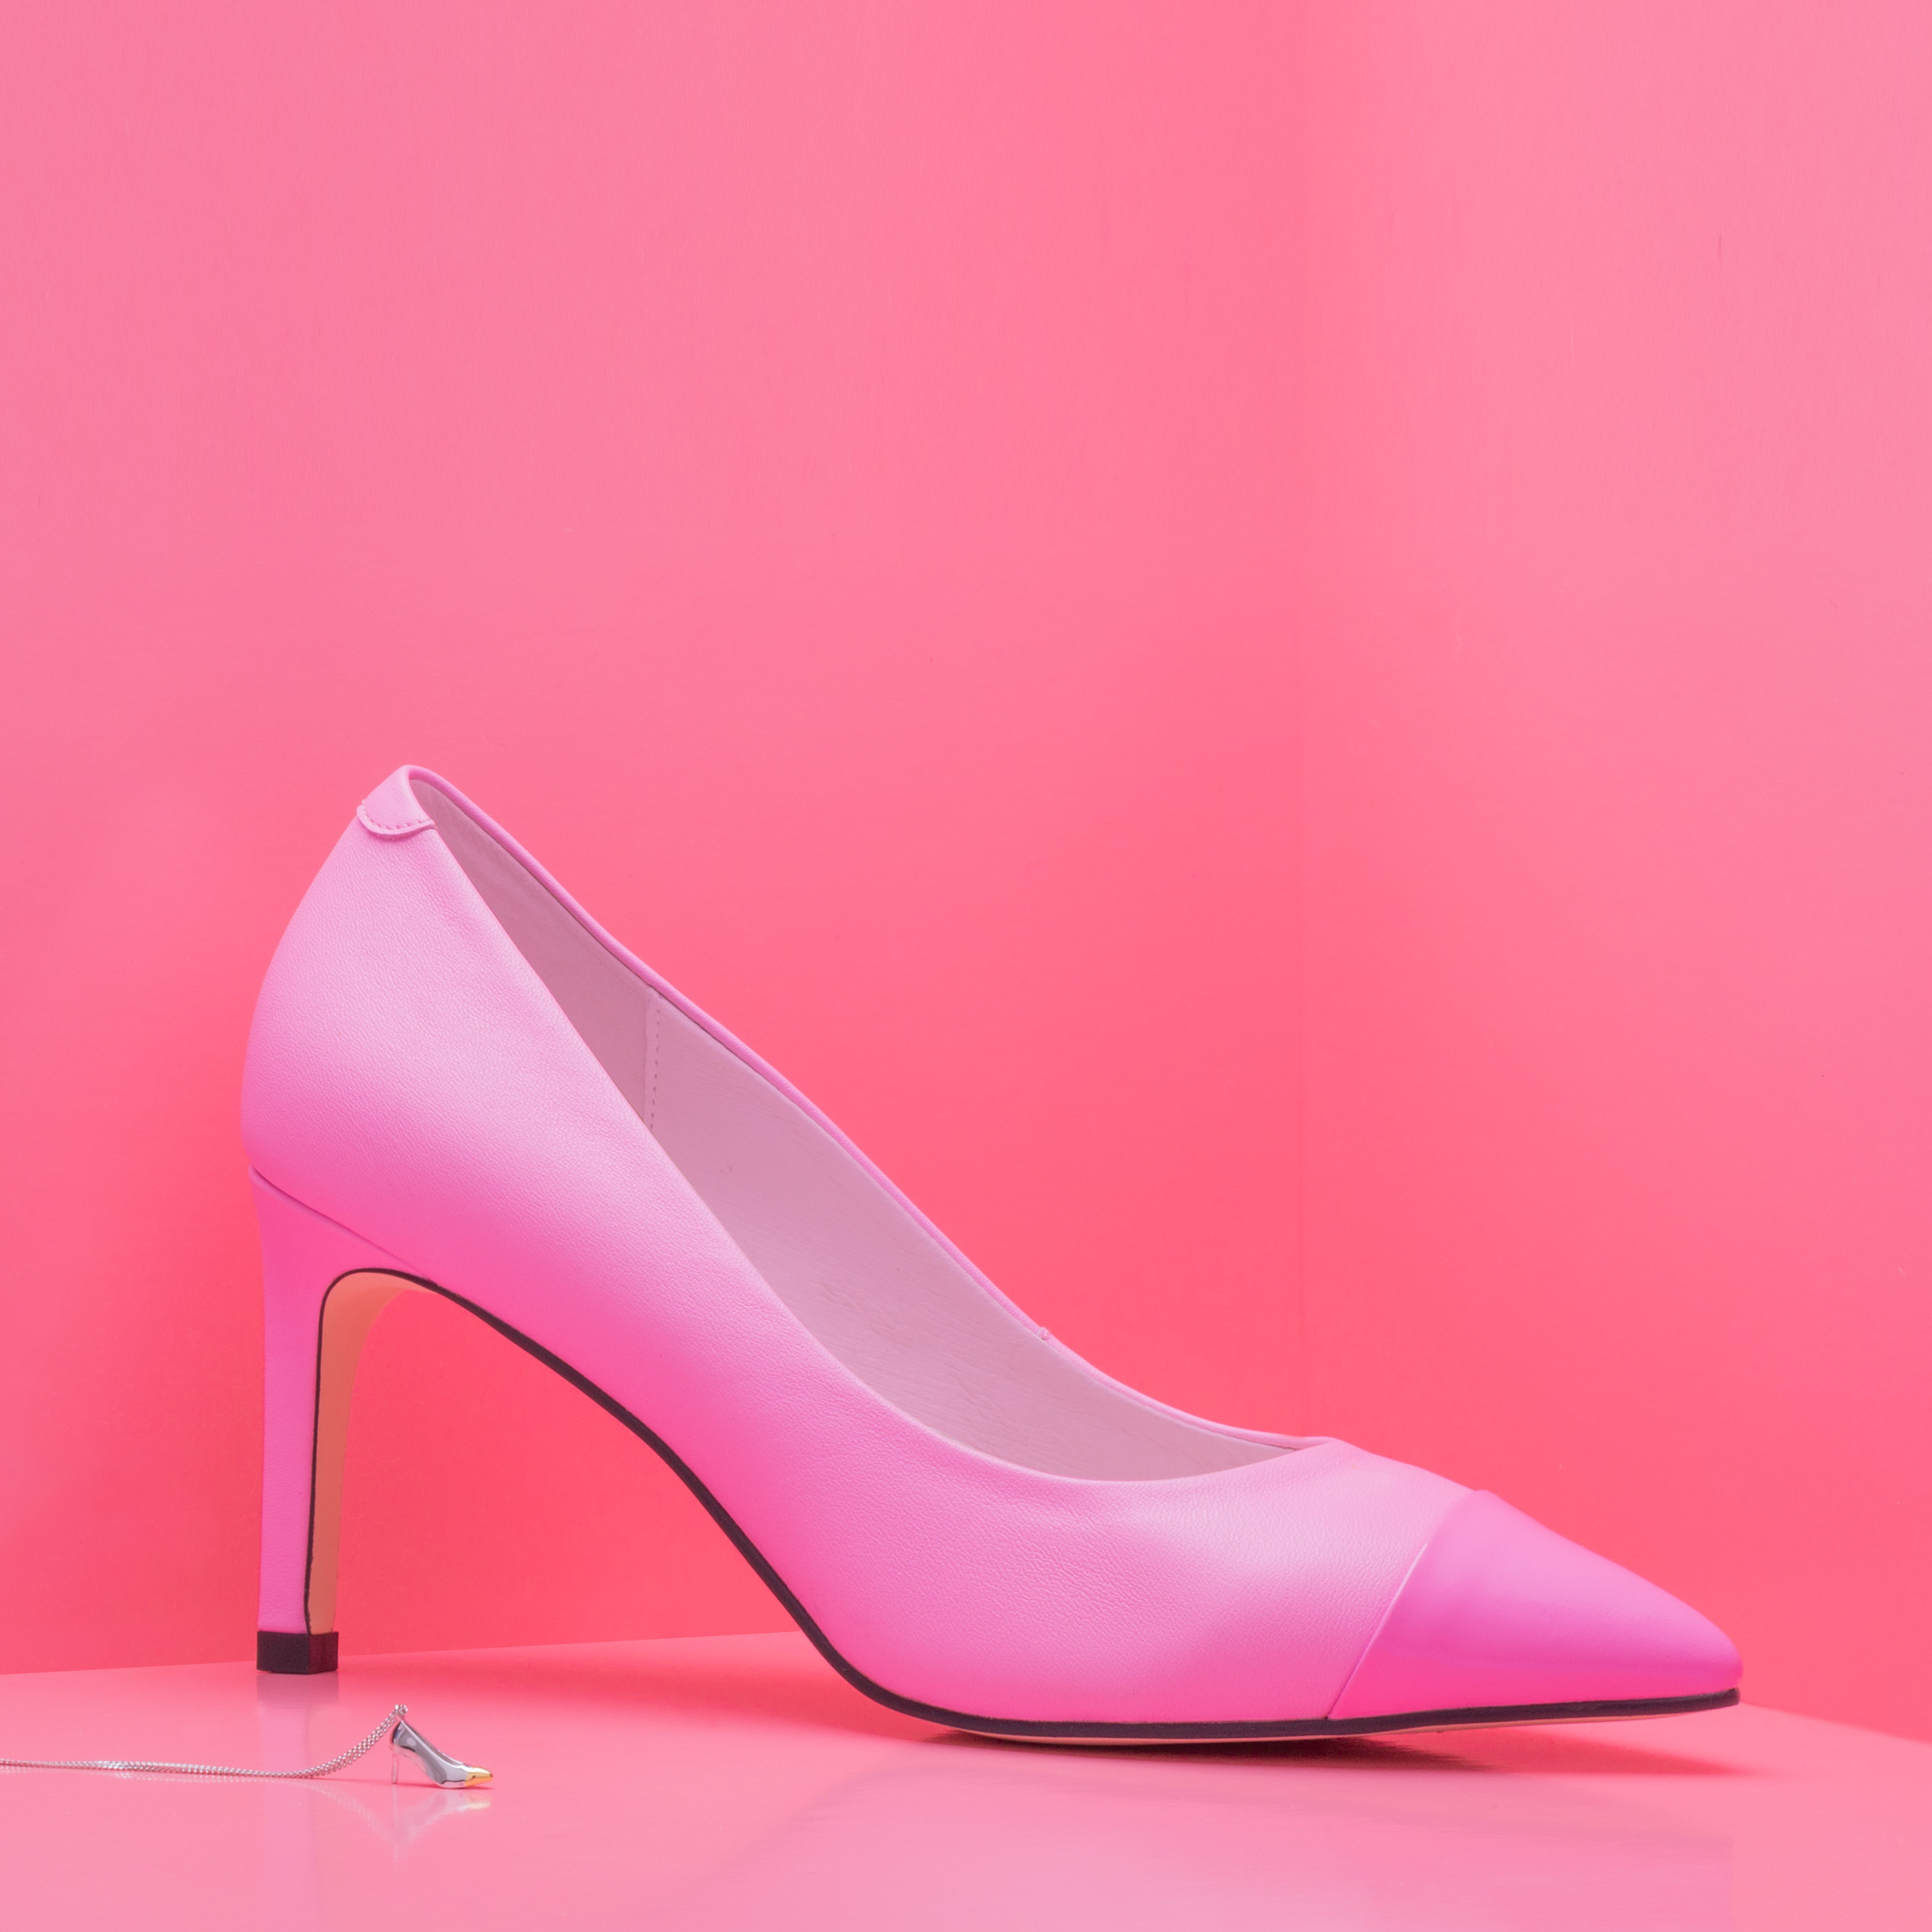 01-Shoes-Square-Crop